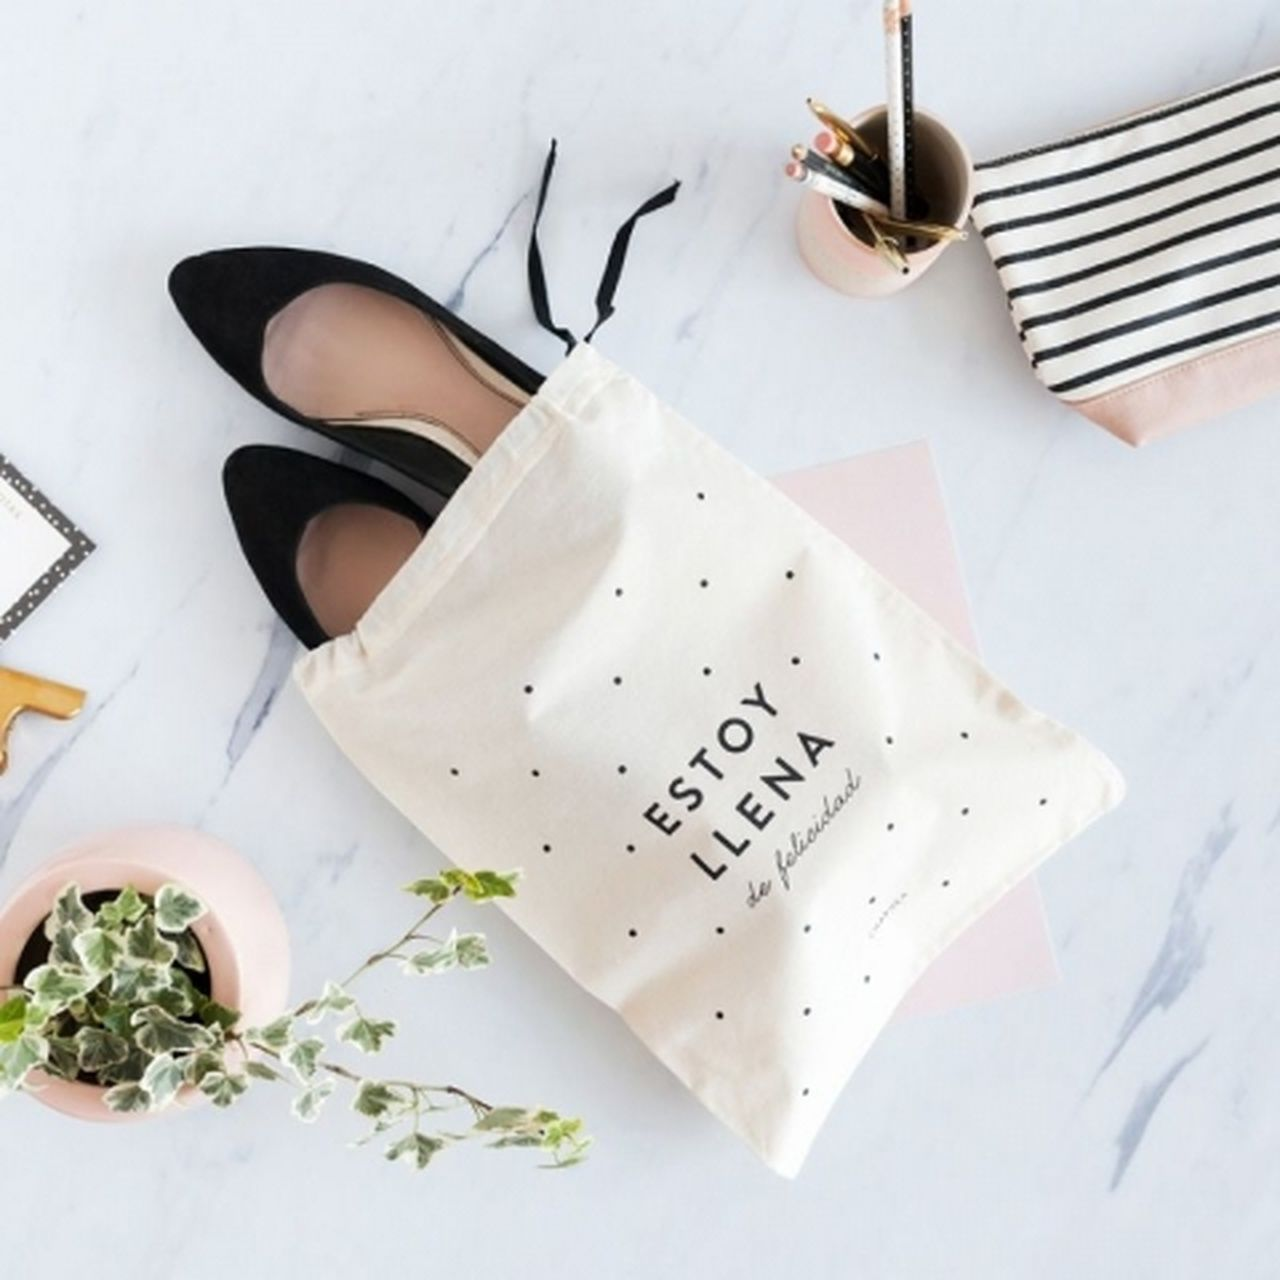 Saco de algodão para Sapato 25 x 35 -  impressão da logomarca em serigrafia  - Linha Classic  6049  - Litex Embalagens